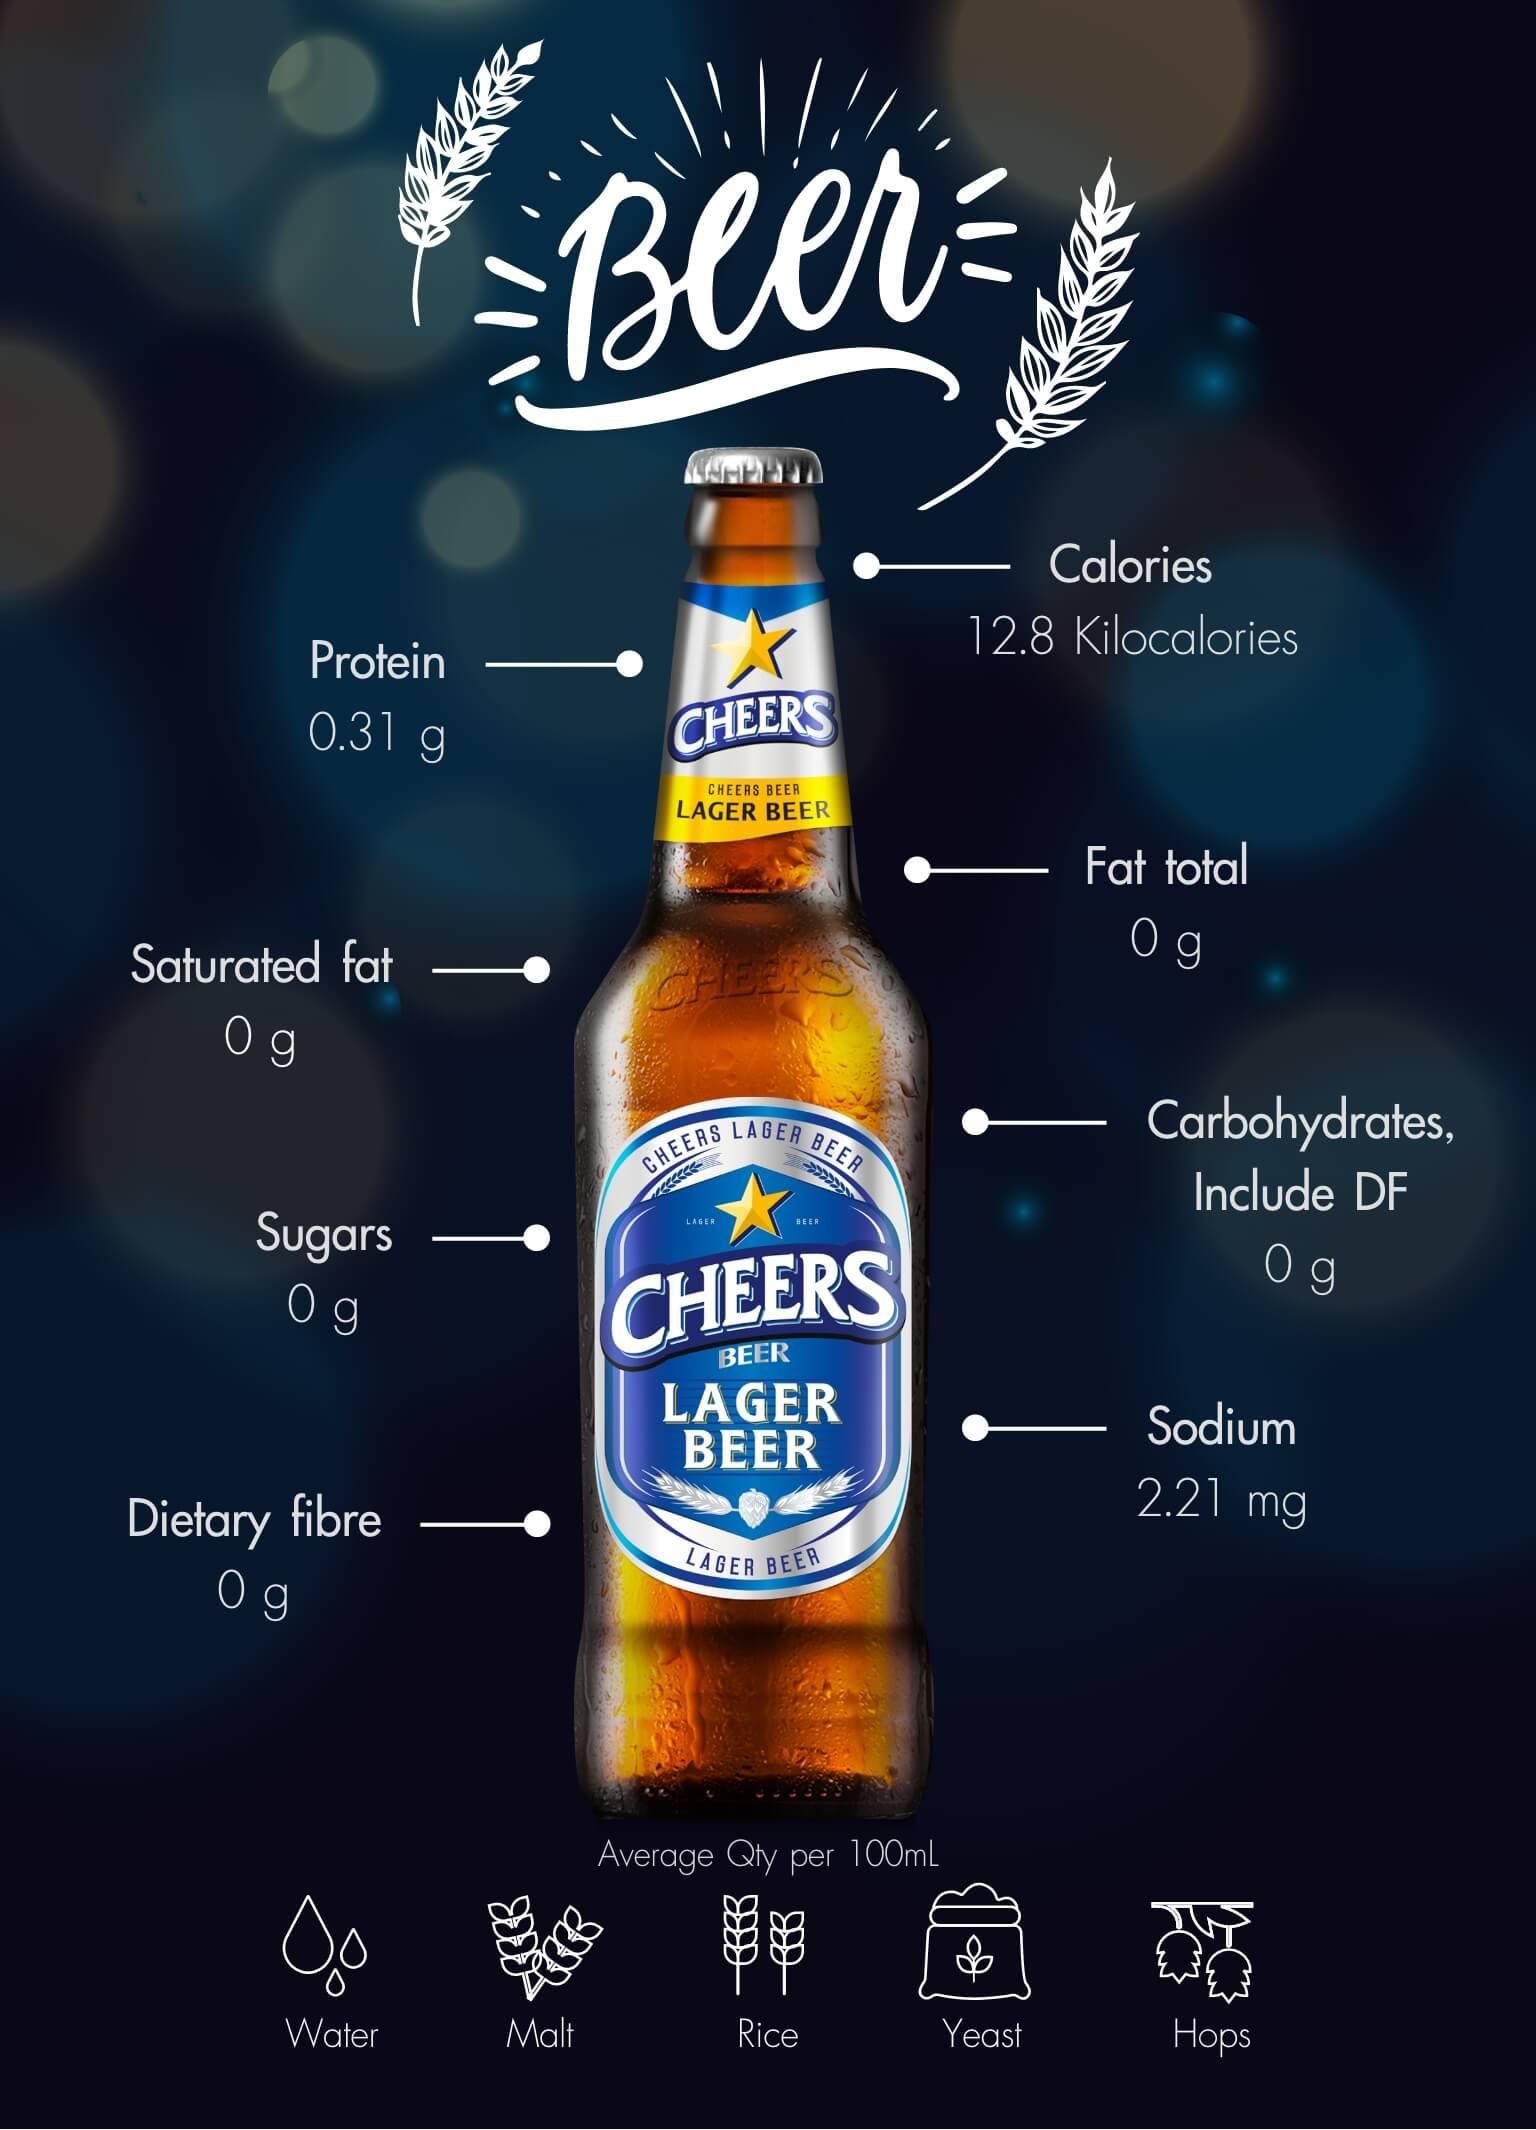 Cheers Regular Beer Nutrition Information